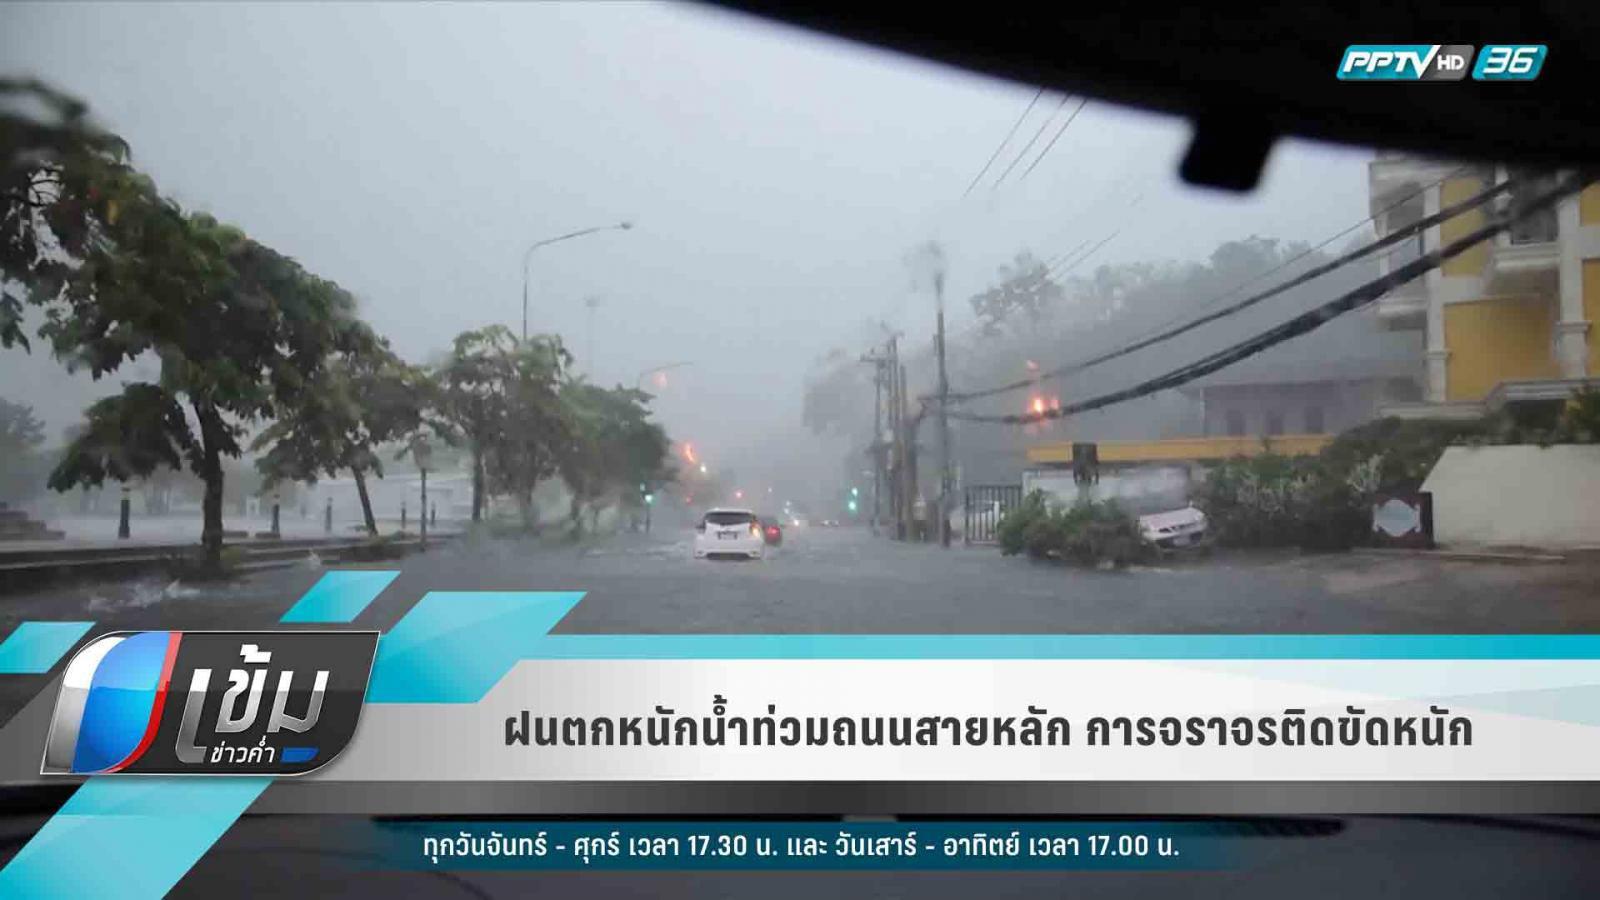 ฝนตกหนักน้ำท่วมถนนสายหลัก การจราจรติดขัดหนัก